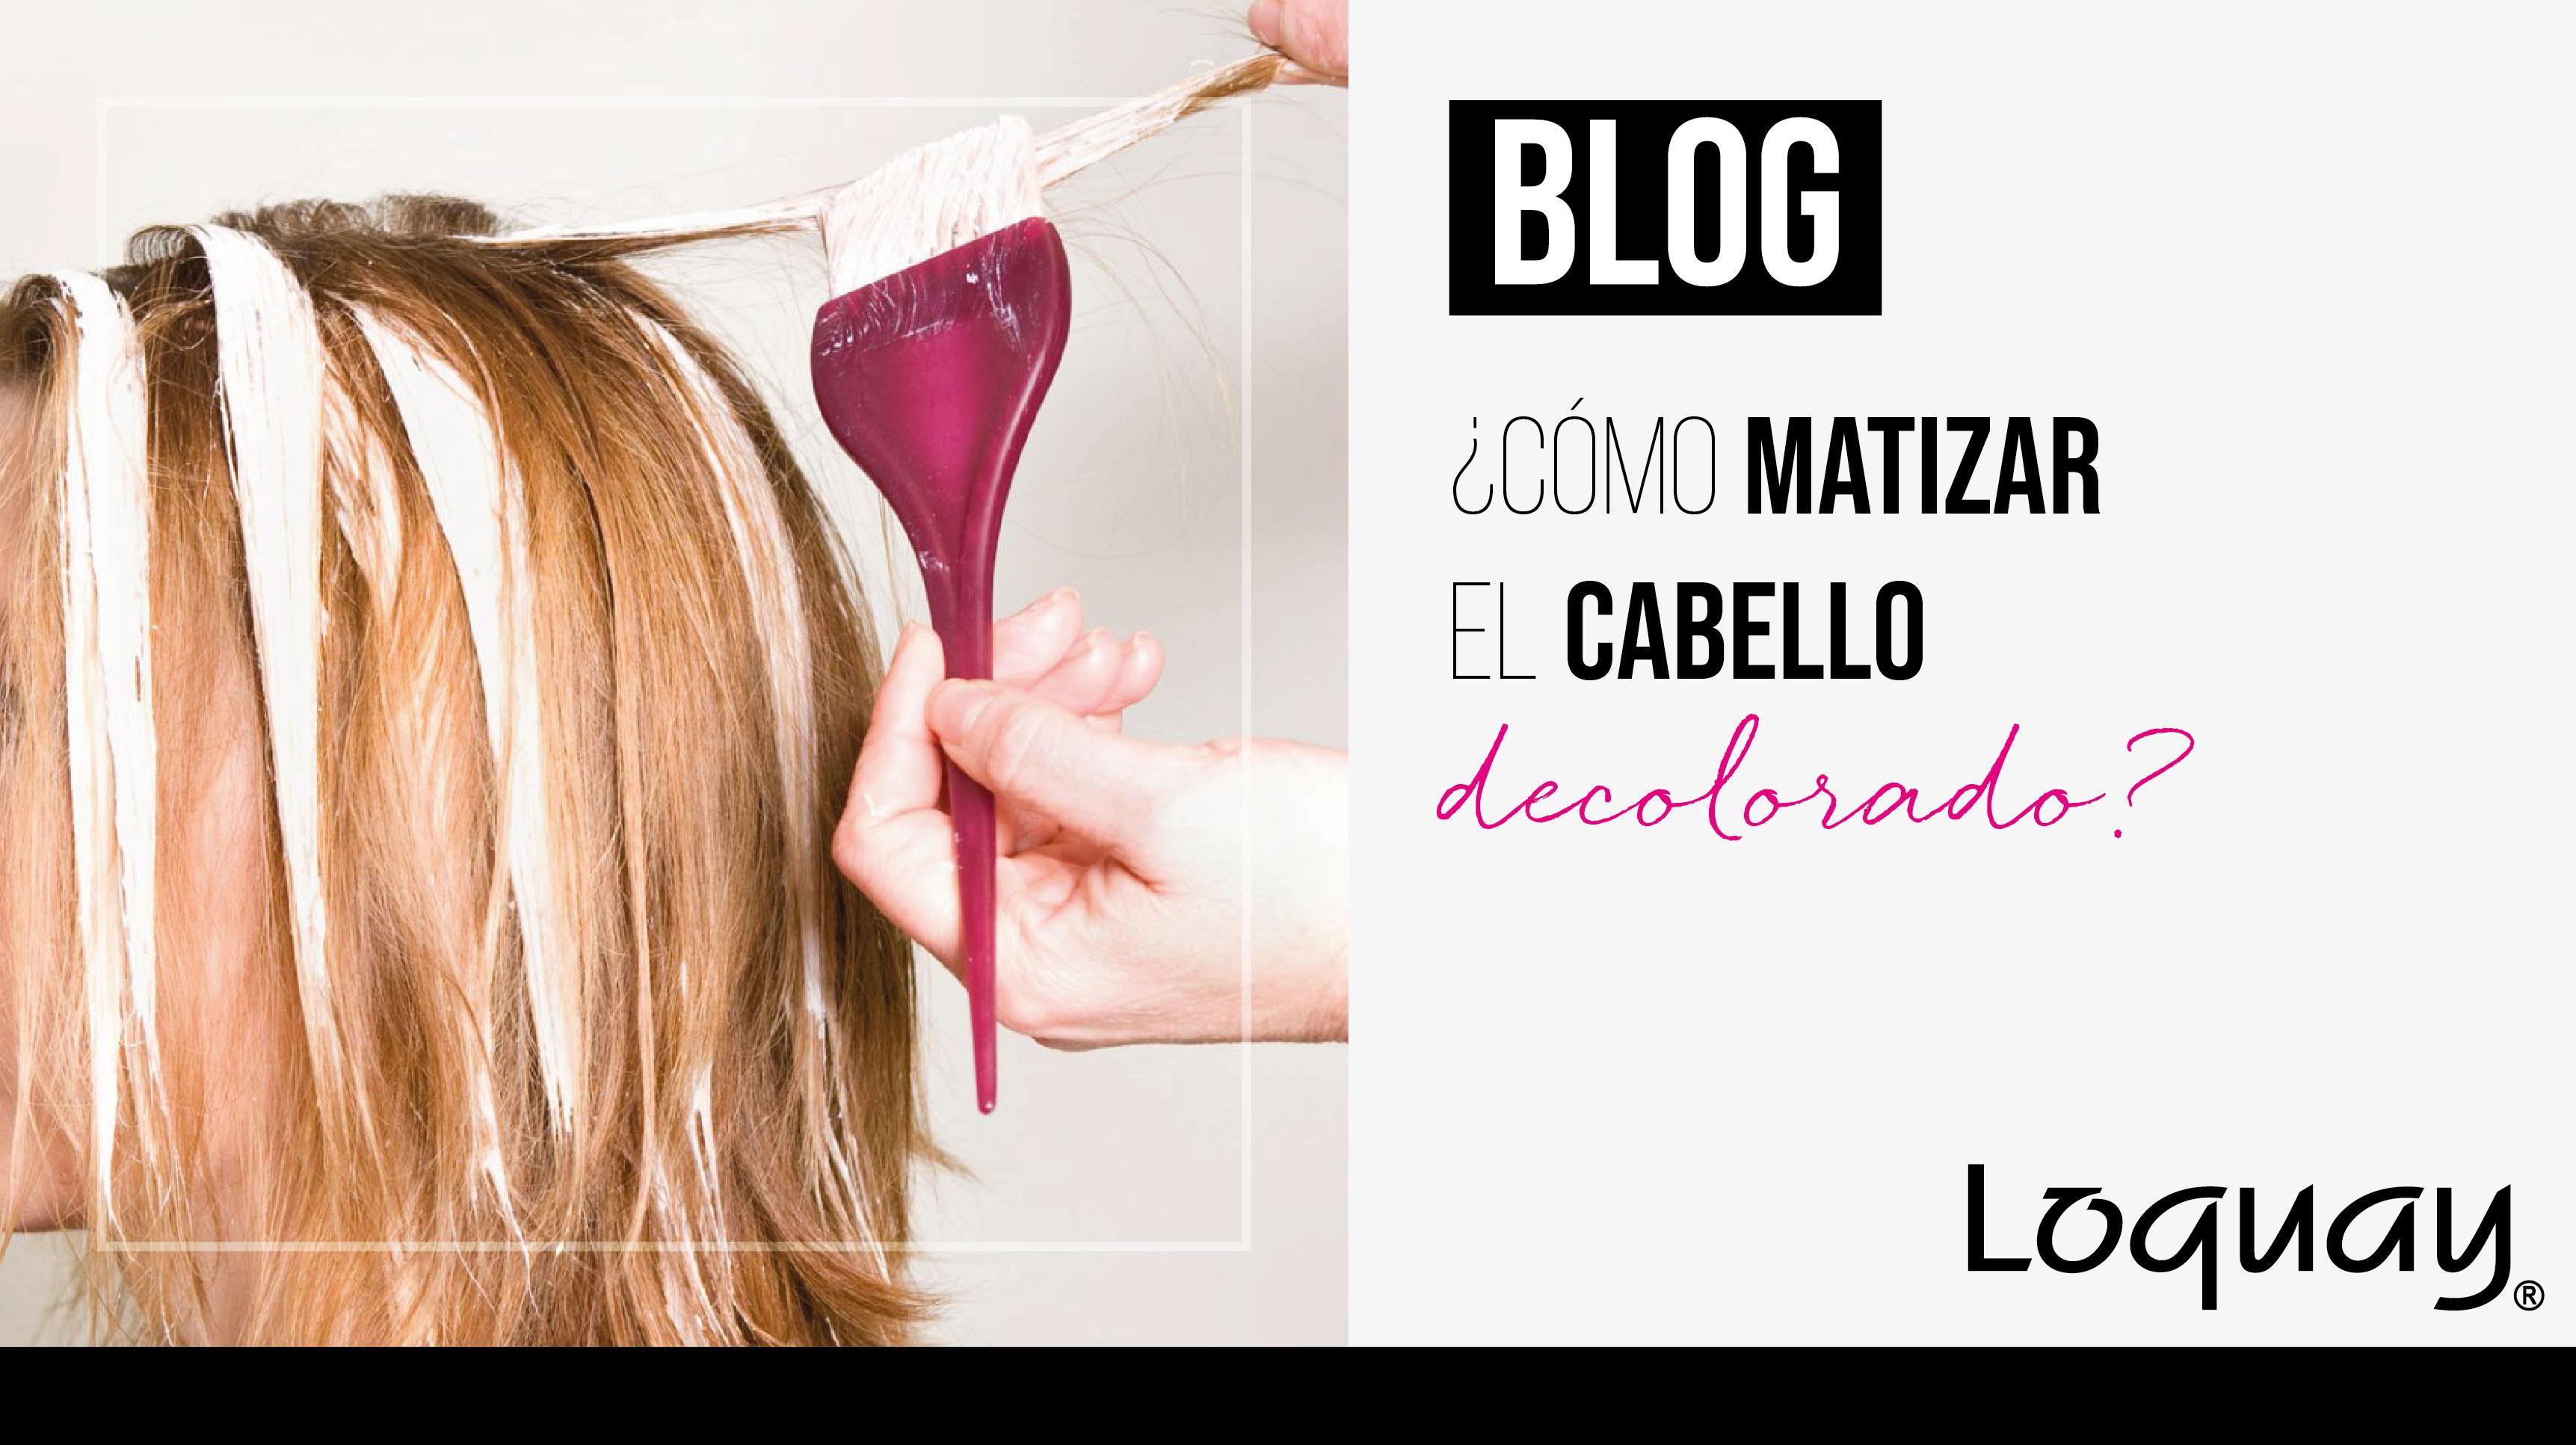 MatizarCabello-04